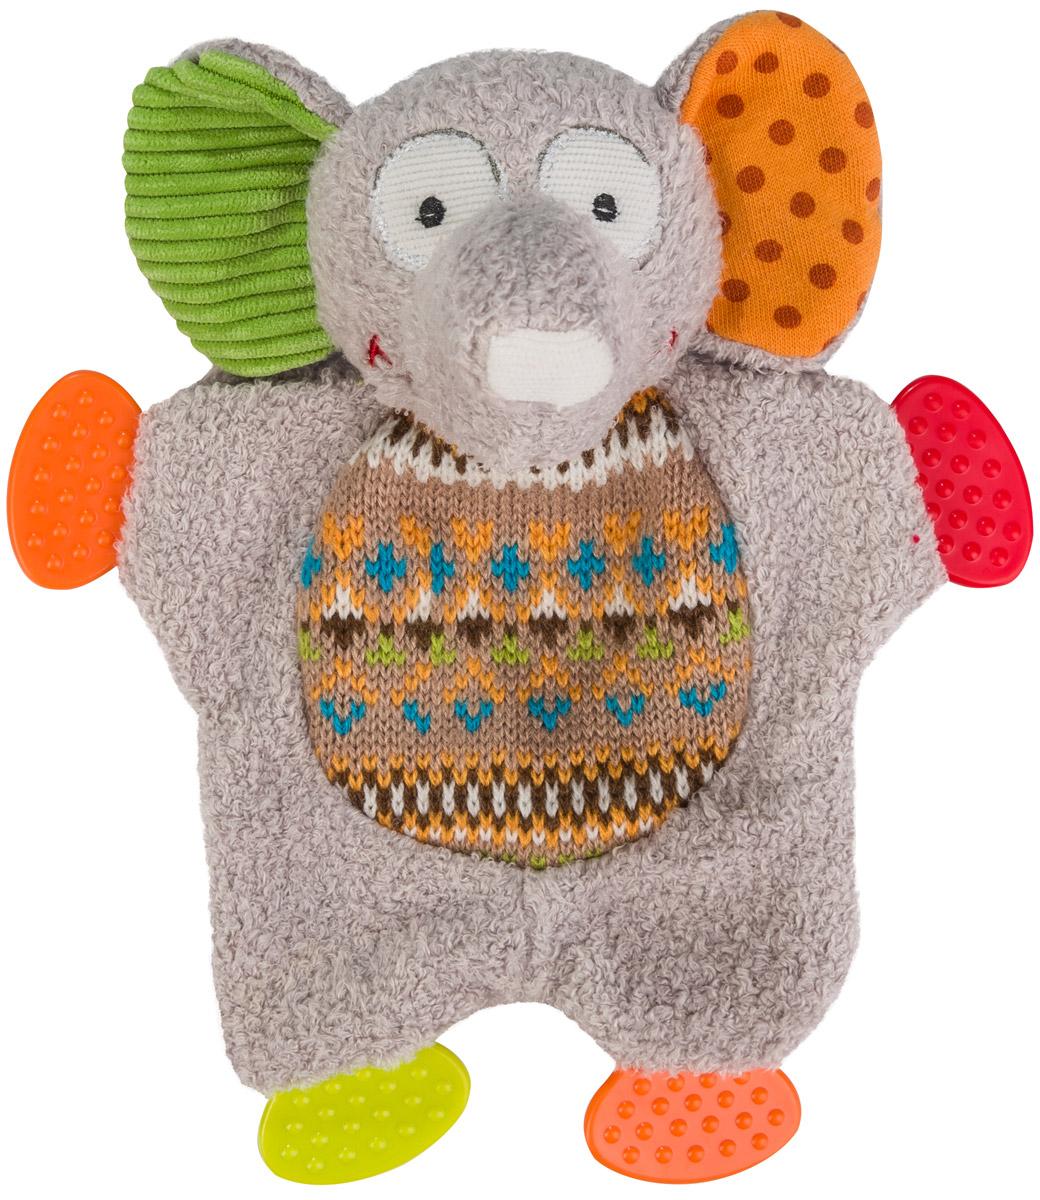 BabyOno Развивающая игрушка Забавный слоненок1241Развивающая игрушка BabyOno Забавный слоненок обязательно привлечет внимание вашего малыша. Игрушка выполнена из безопасных и приятных на ощупь материалов в виде веселого слоника. На лапках располагаются прорезыватели, которые помогут ребенку в период прорезывания первых зубов. В голове игрушке находится сфера, звенящая при тряске. Развивающая игрушка BabyOno Забавный слоненок поможет развить сенсорные, речевые способности ребенка и общую координацию его движений. Товар сертифицирован.